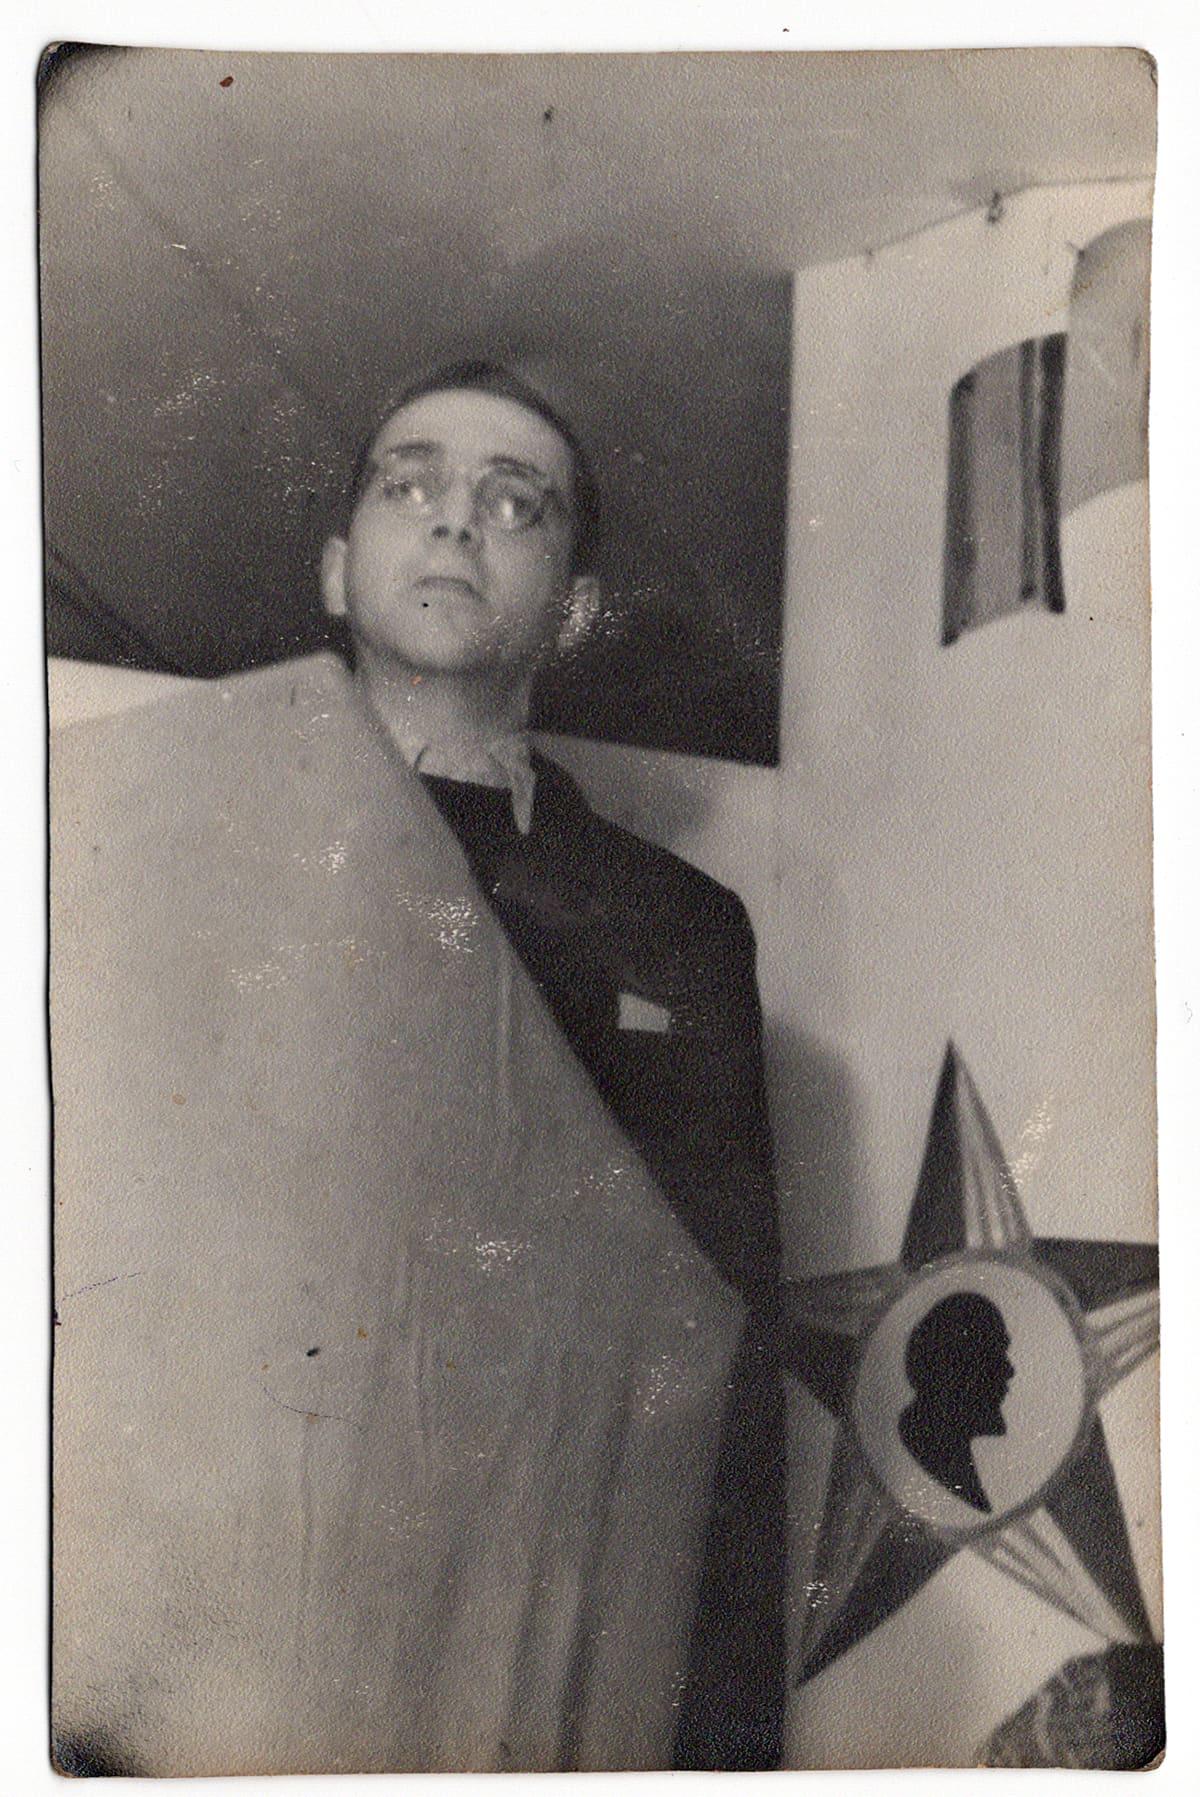 Eddy de Wind pitää puhetta neuvostojoukoille Auschwitzin vapauttamisen jälkeen.